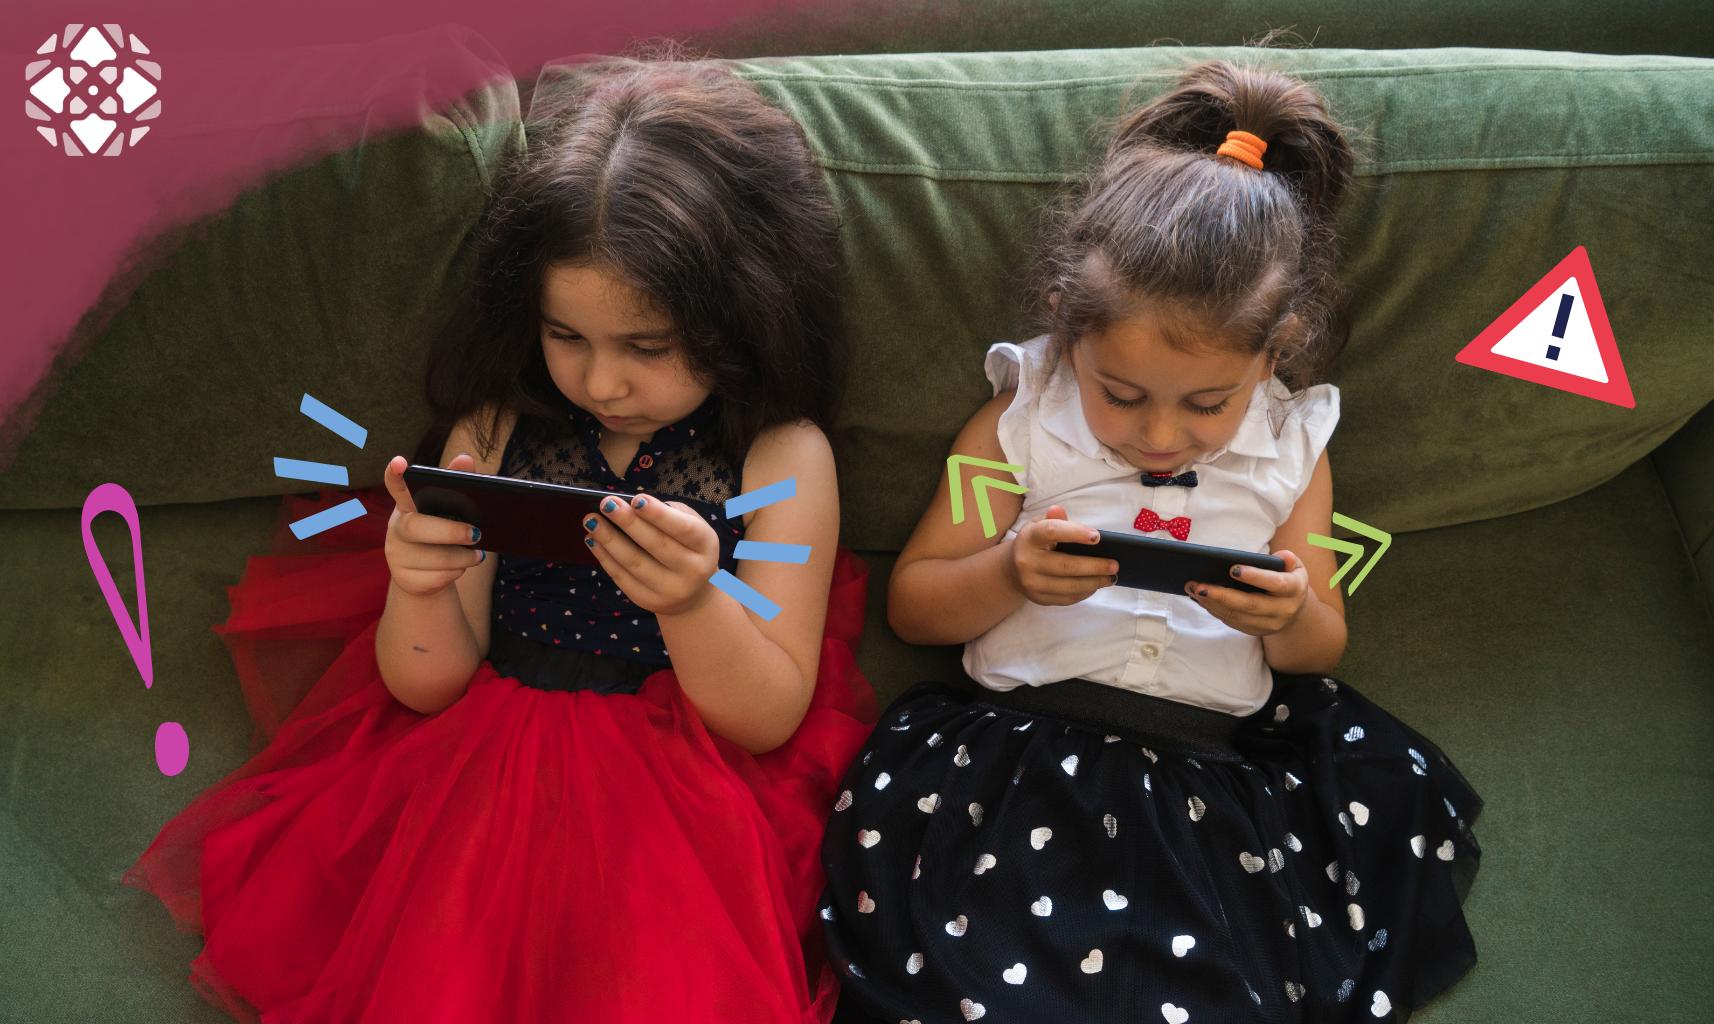 vício tecnologia filhos crianças truth and tales